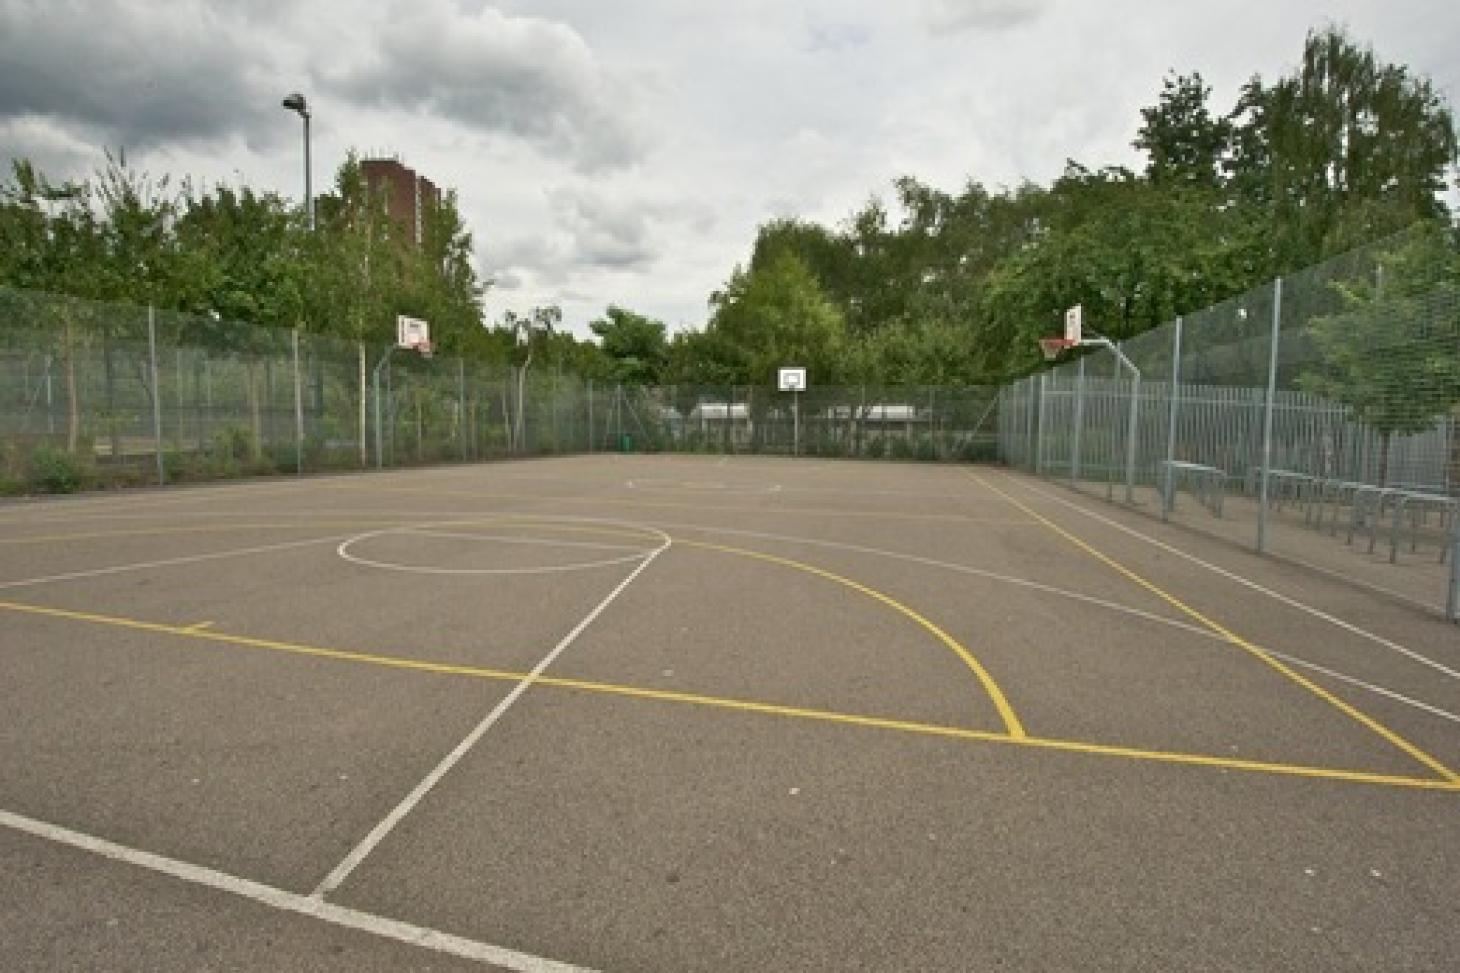 Haverstock School Outdoor   Concrete netball court